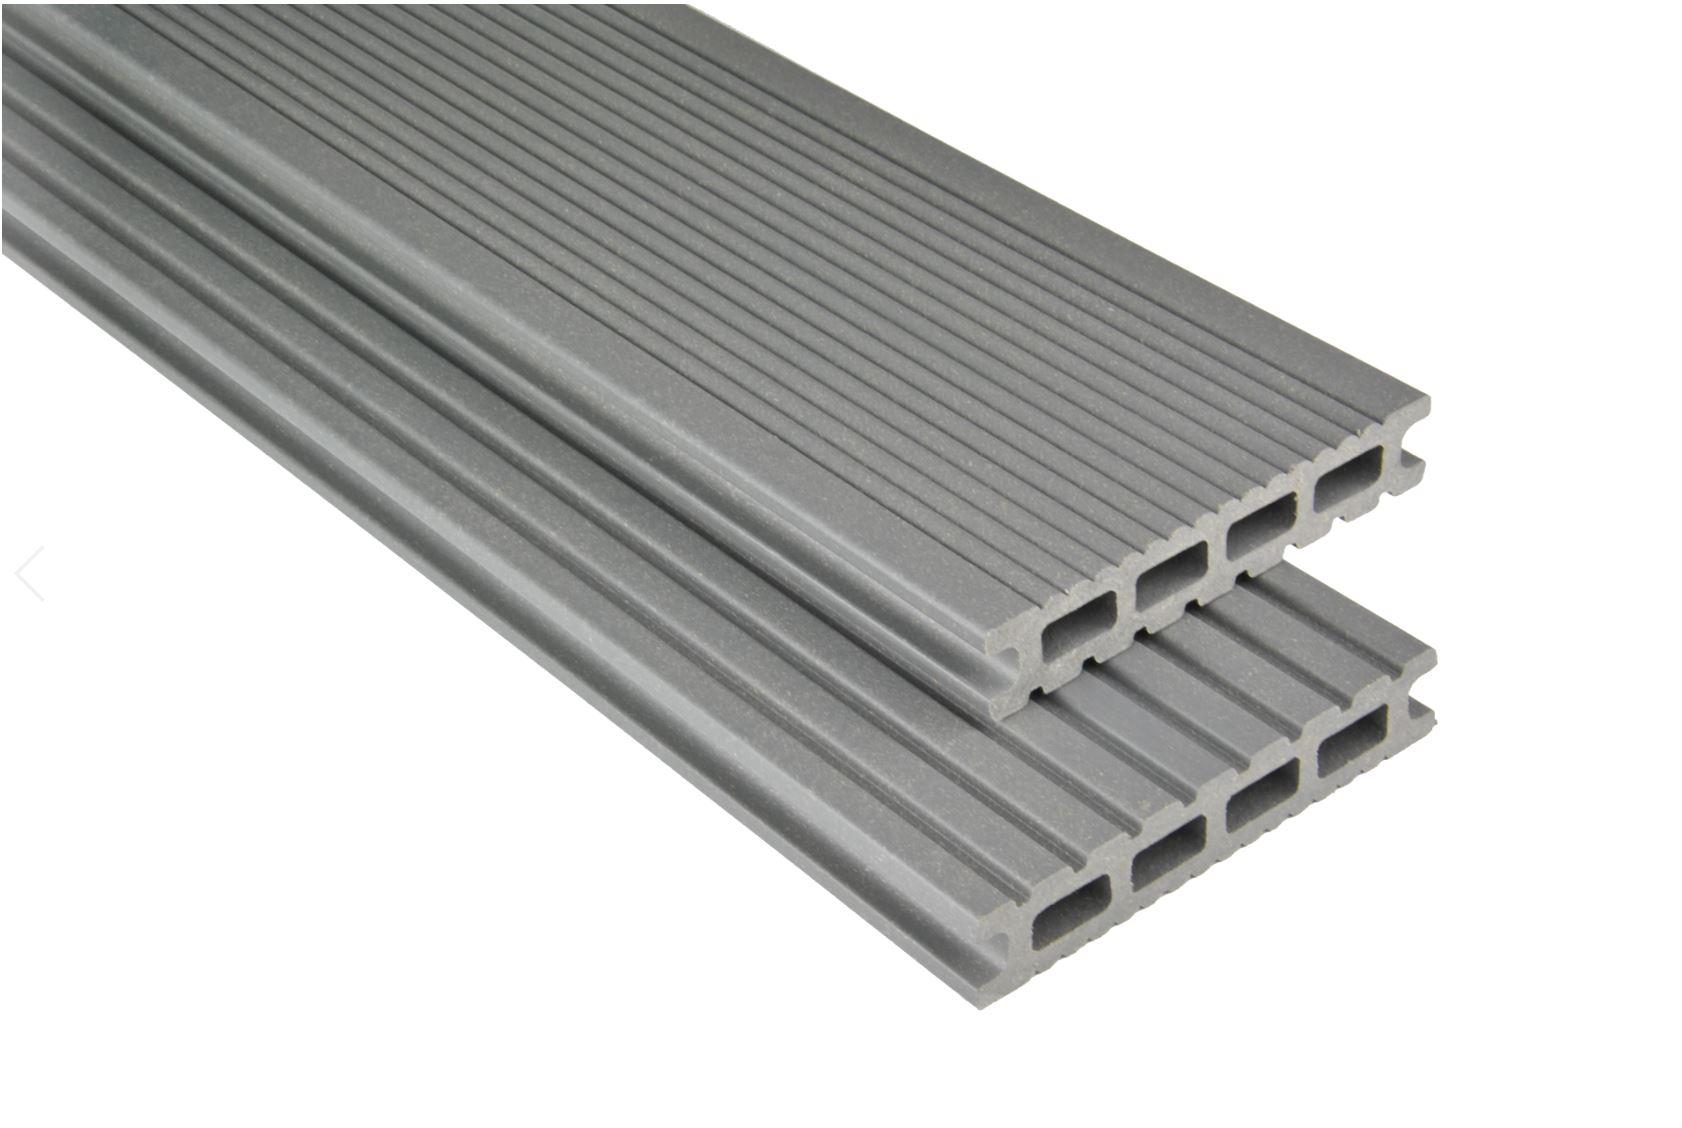 Exklusiv Hohlkammer Grau mattiert, 26x145 mm